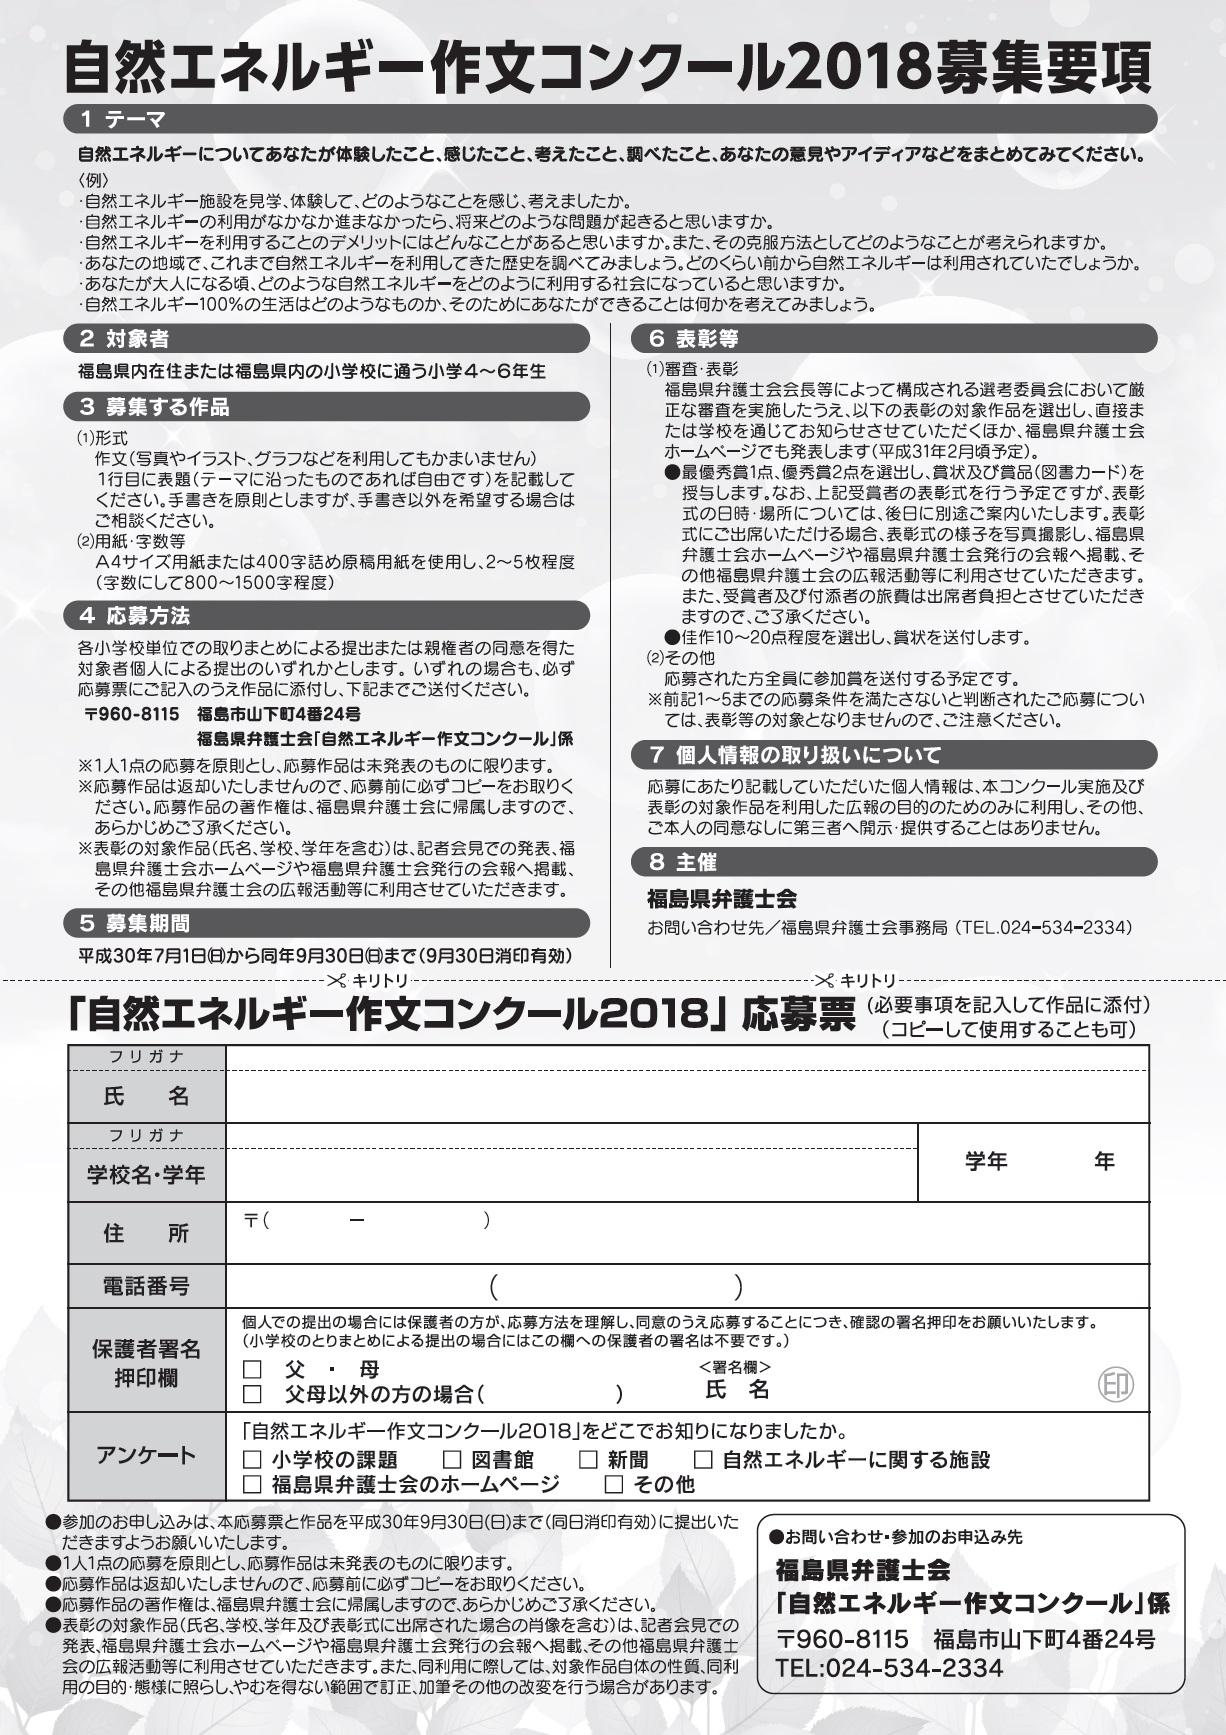 2018自然エネルギー作文コンクール応募チラシ(裏)